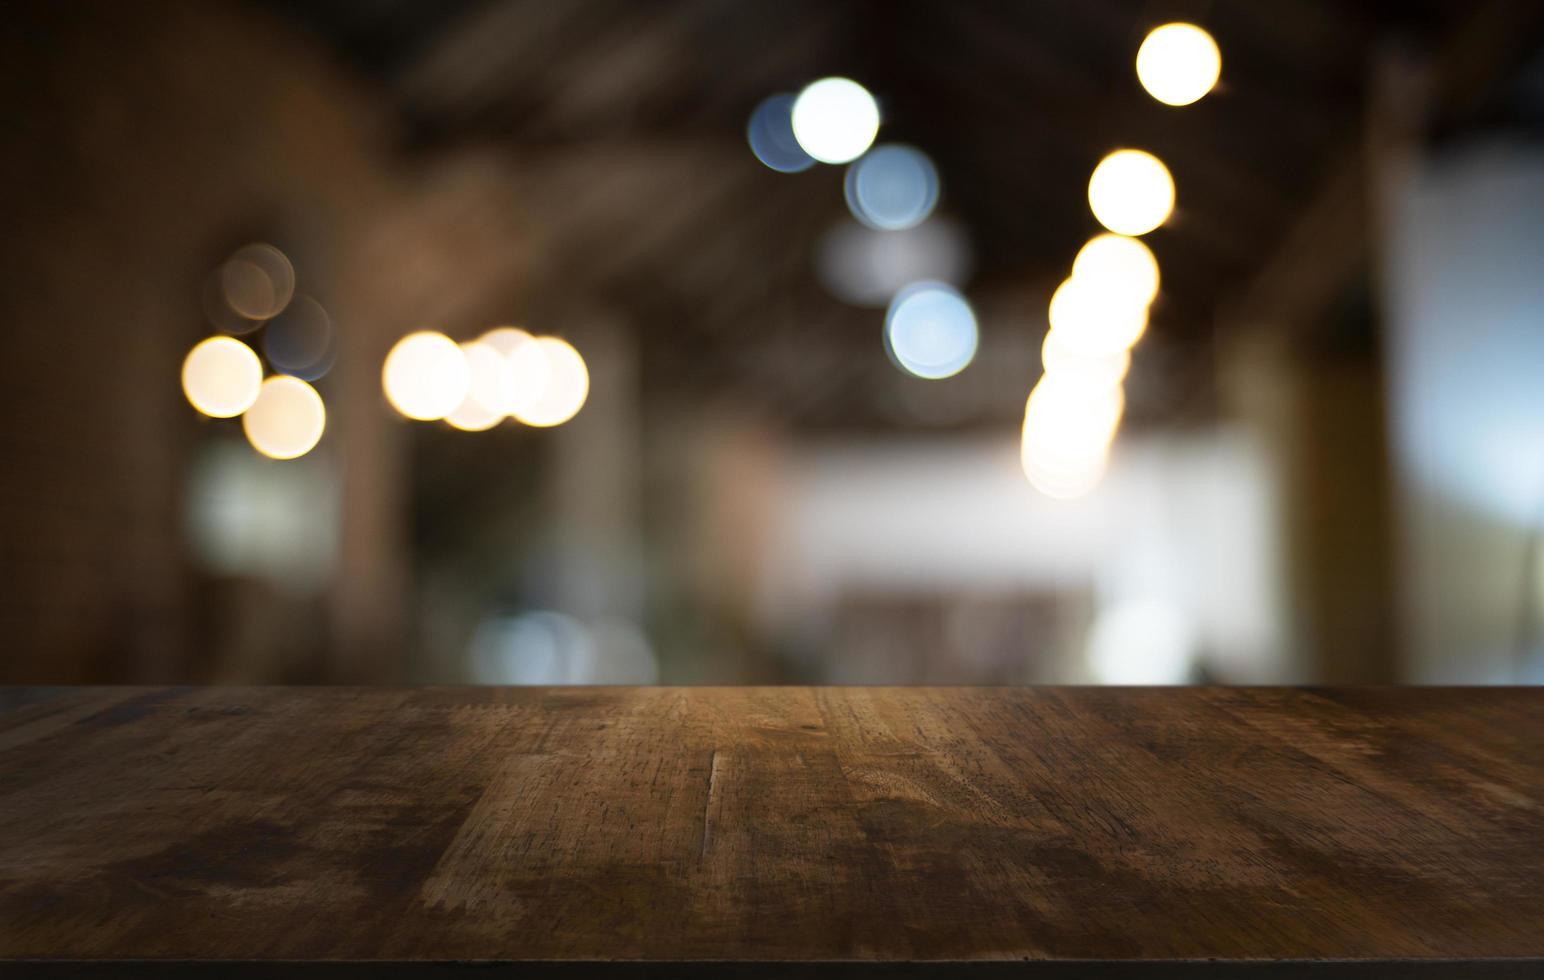 piano del tavolo in legno con sfondo sfocato foto